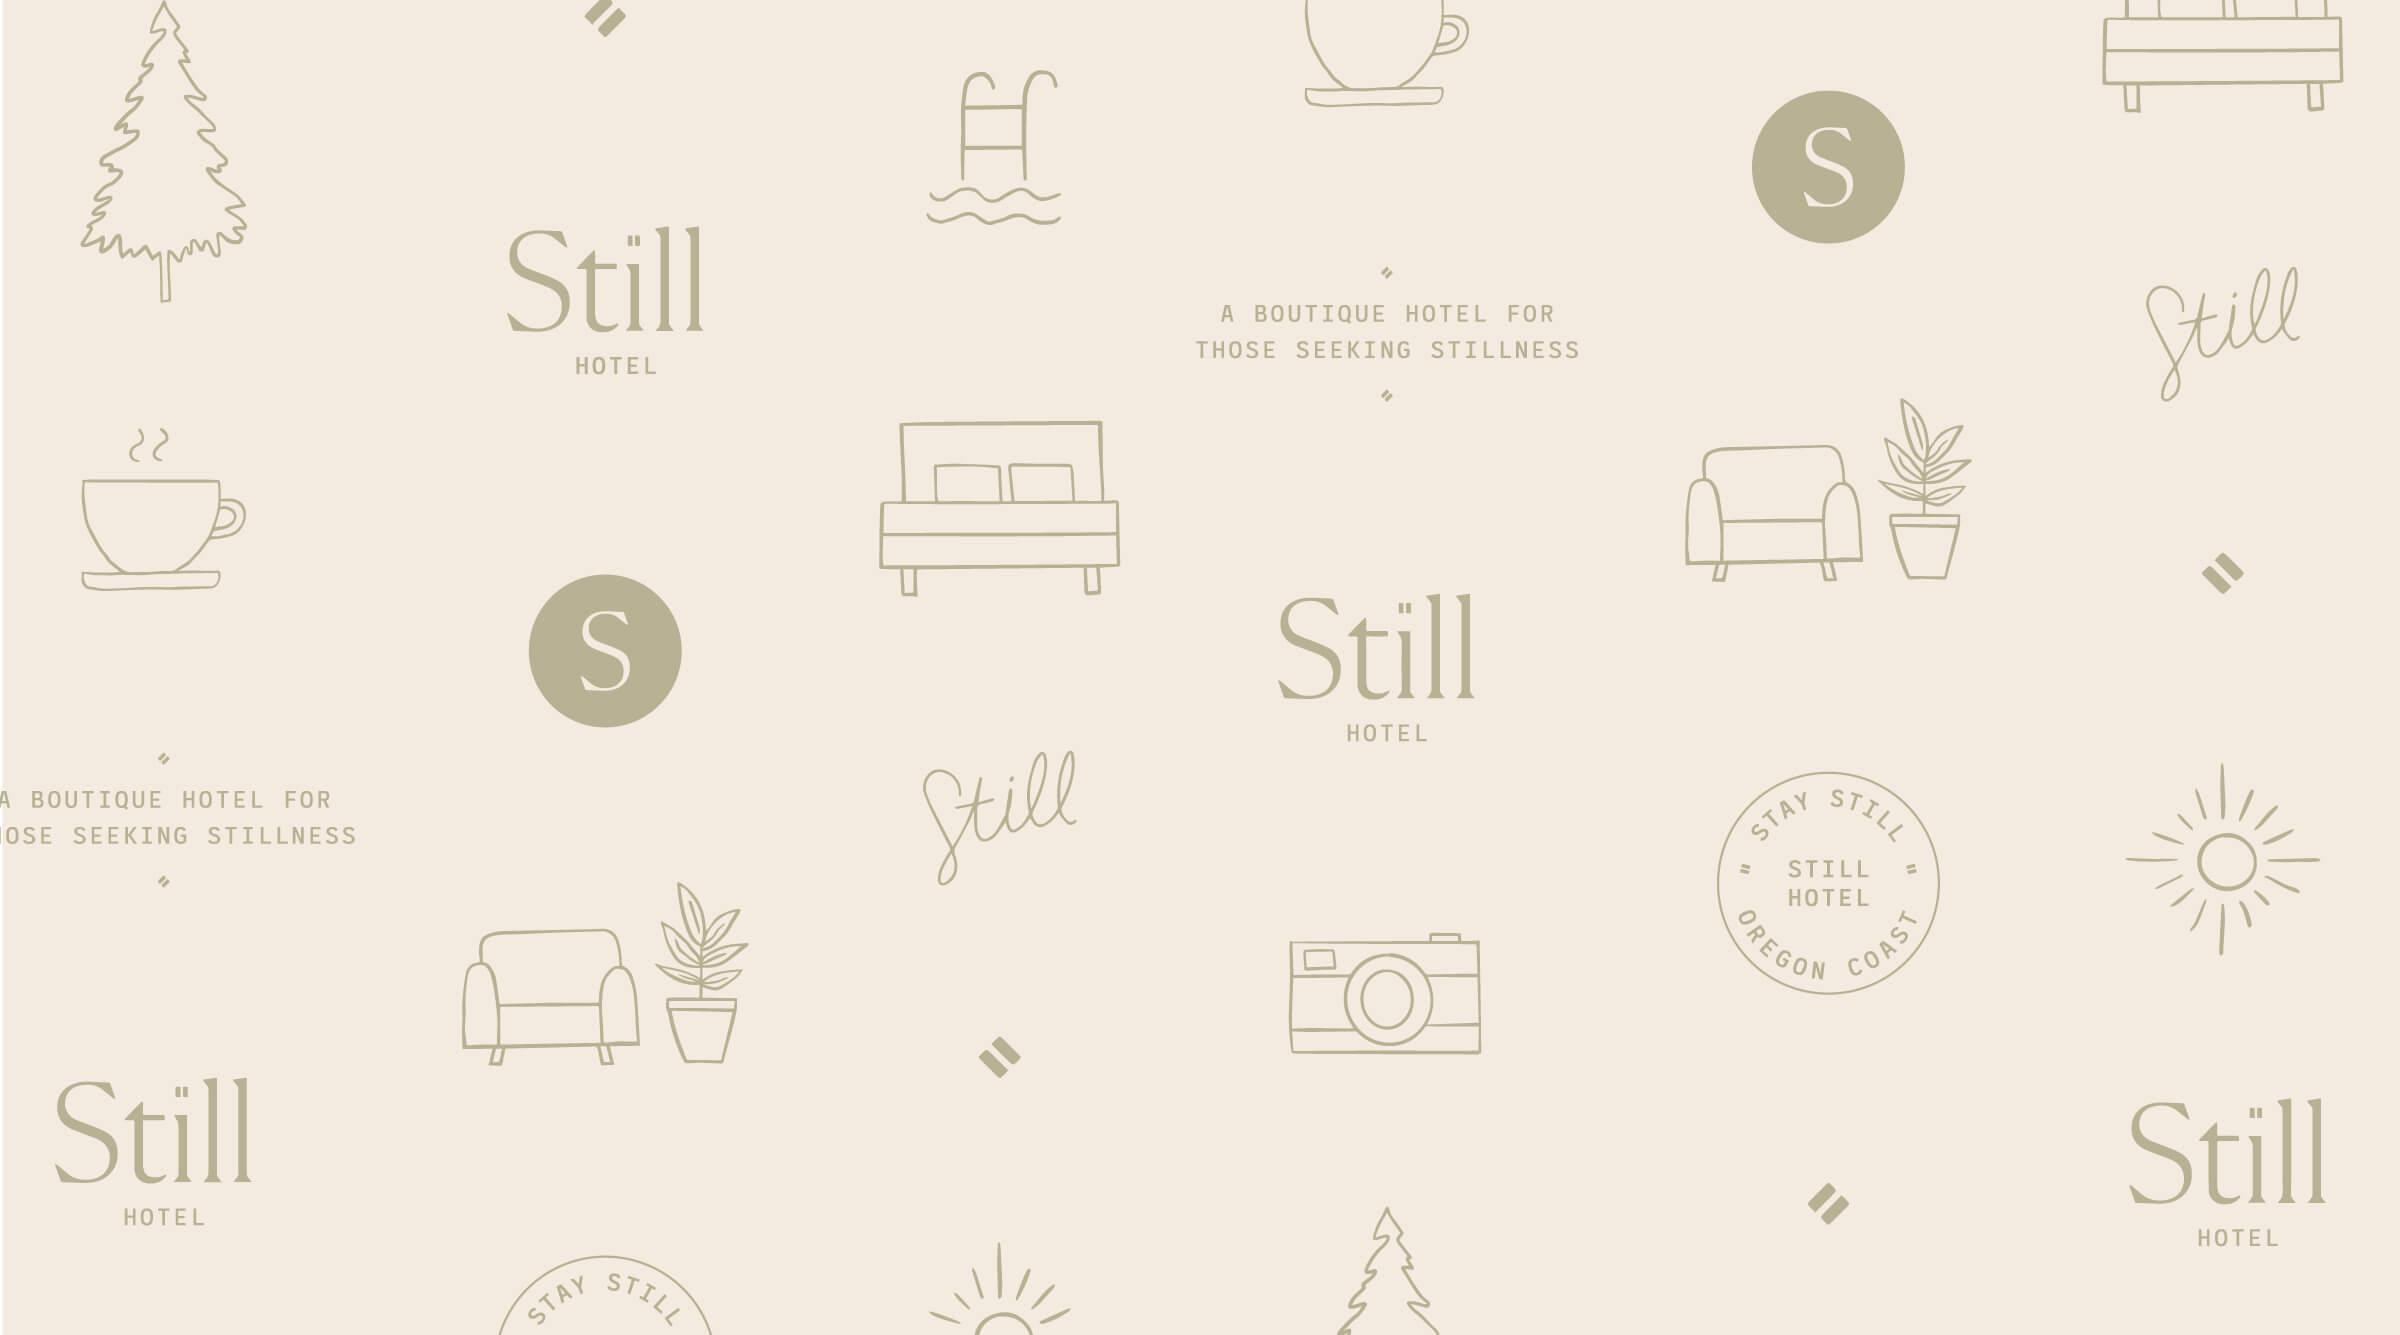 Still Hotel brand pattern